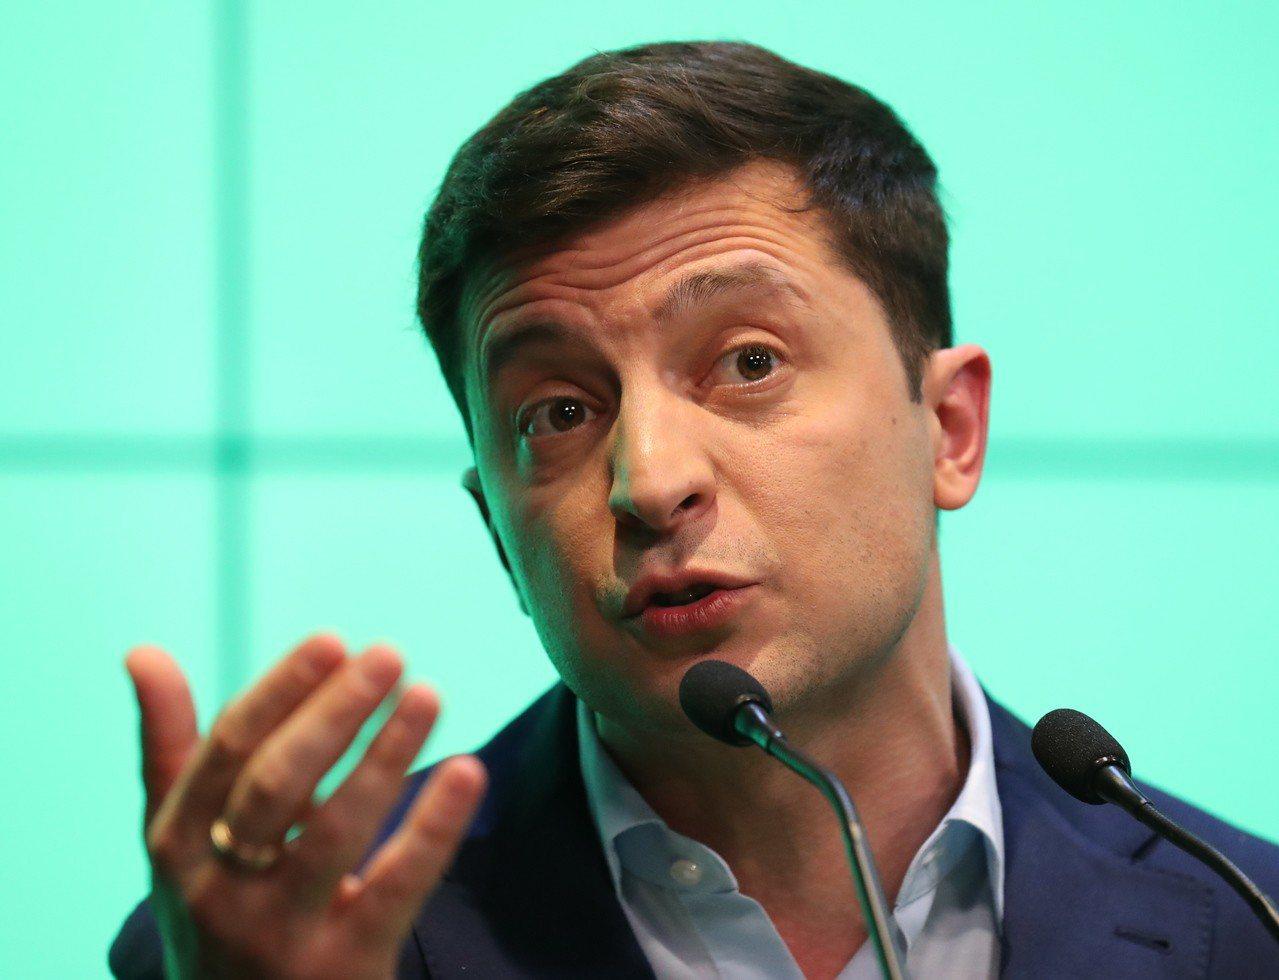 喜劇演員出身的澤倫斯基當選烏克蘭總統。歐新社